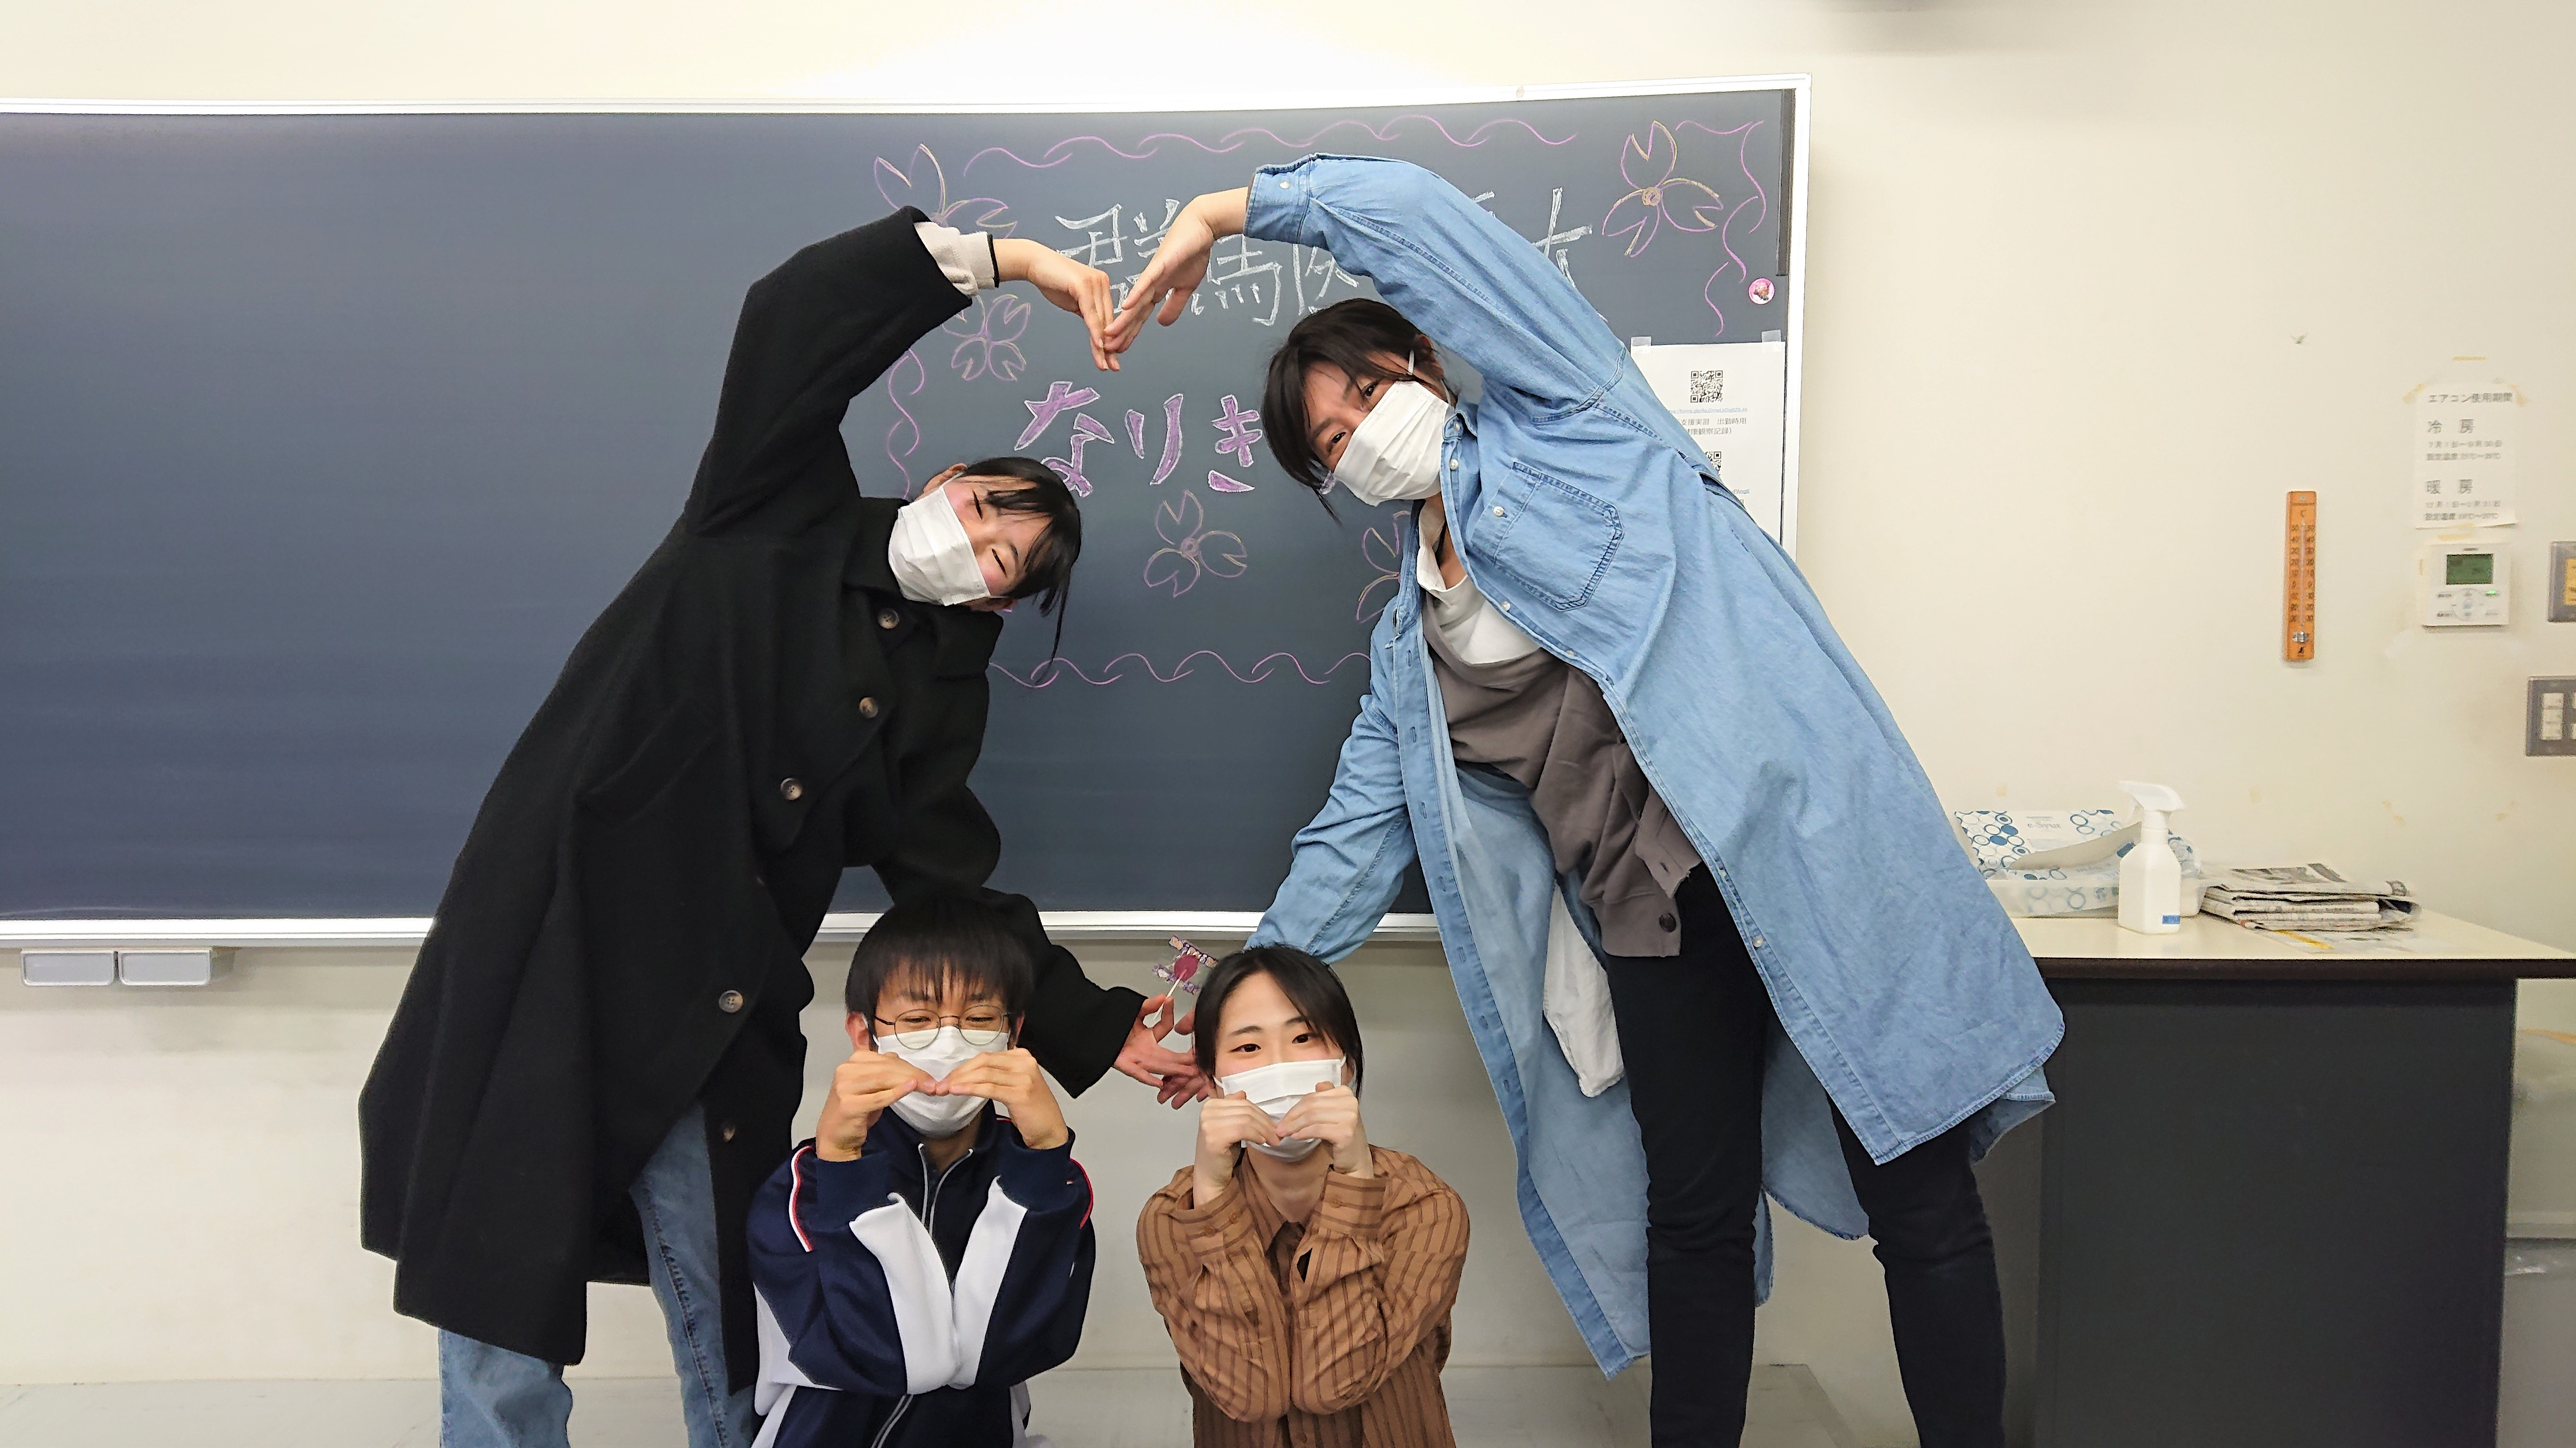 生活支援実習(学内)#パート1#「 ~なりきり劇場!~ ズバリ!認知症の理解! 」